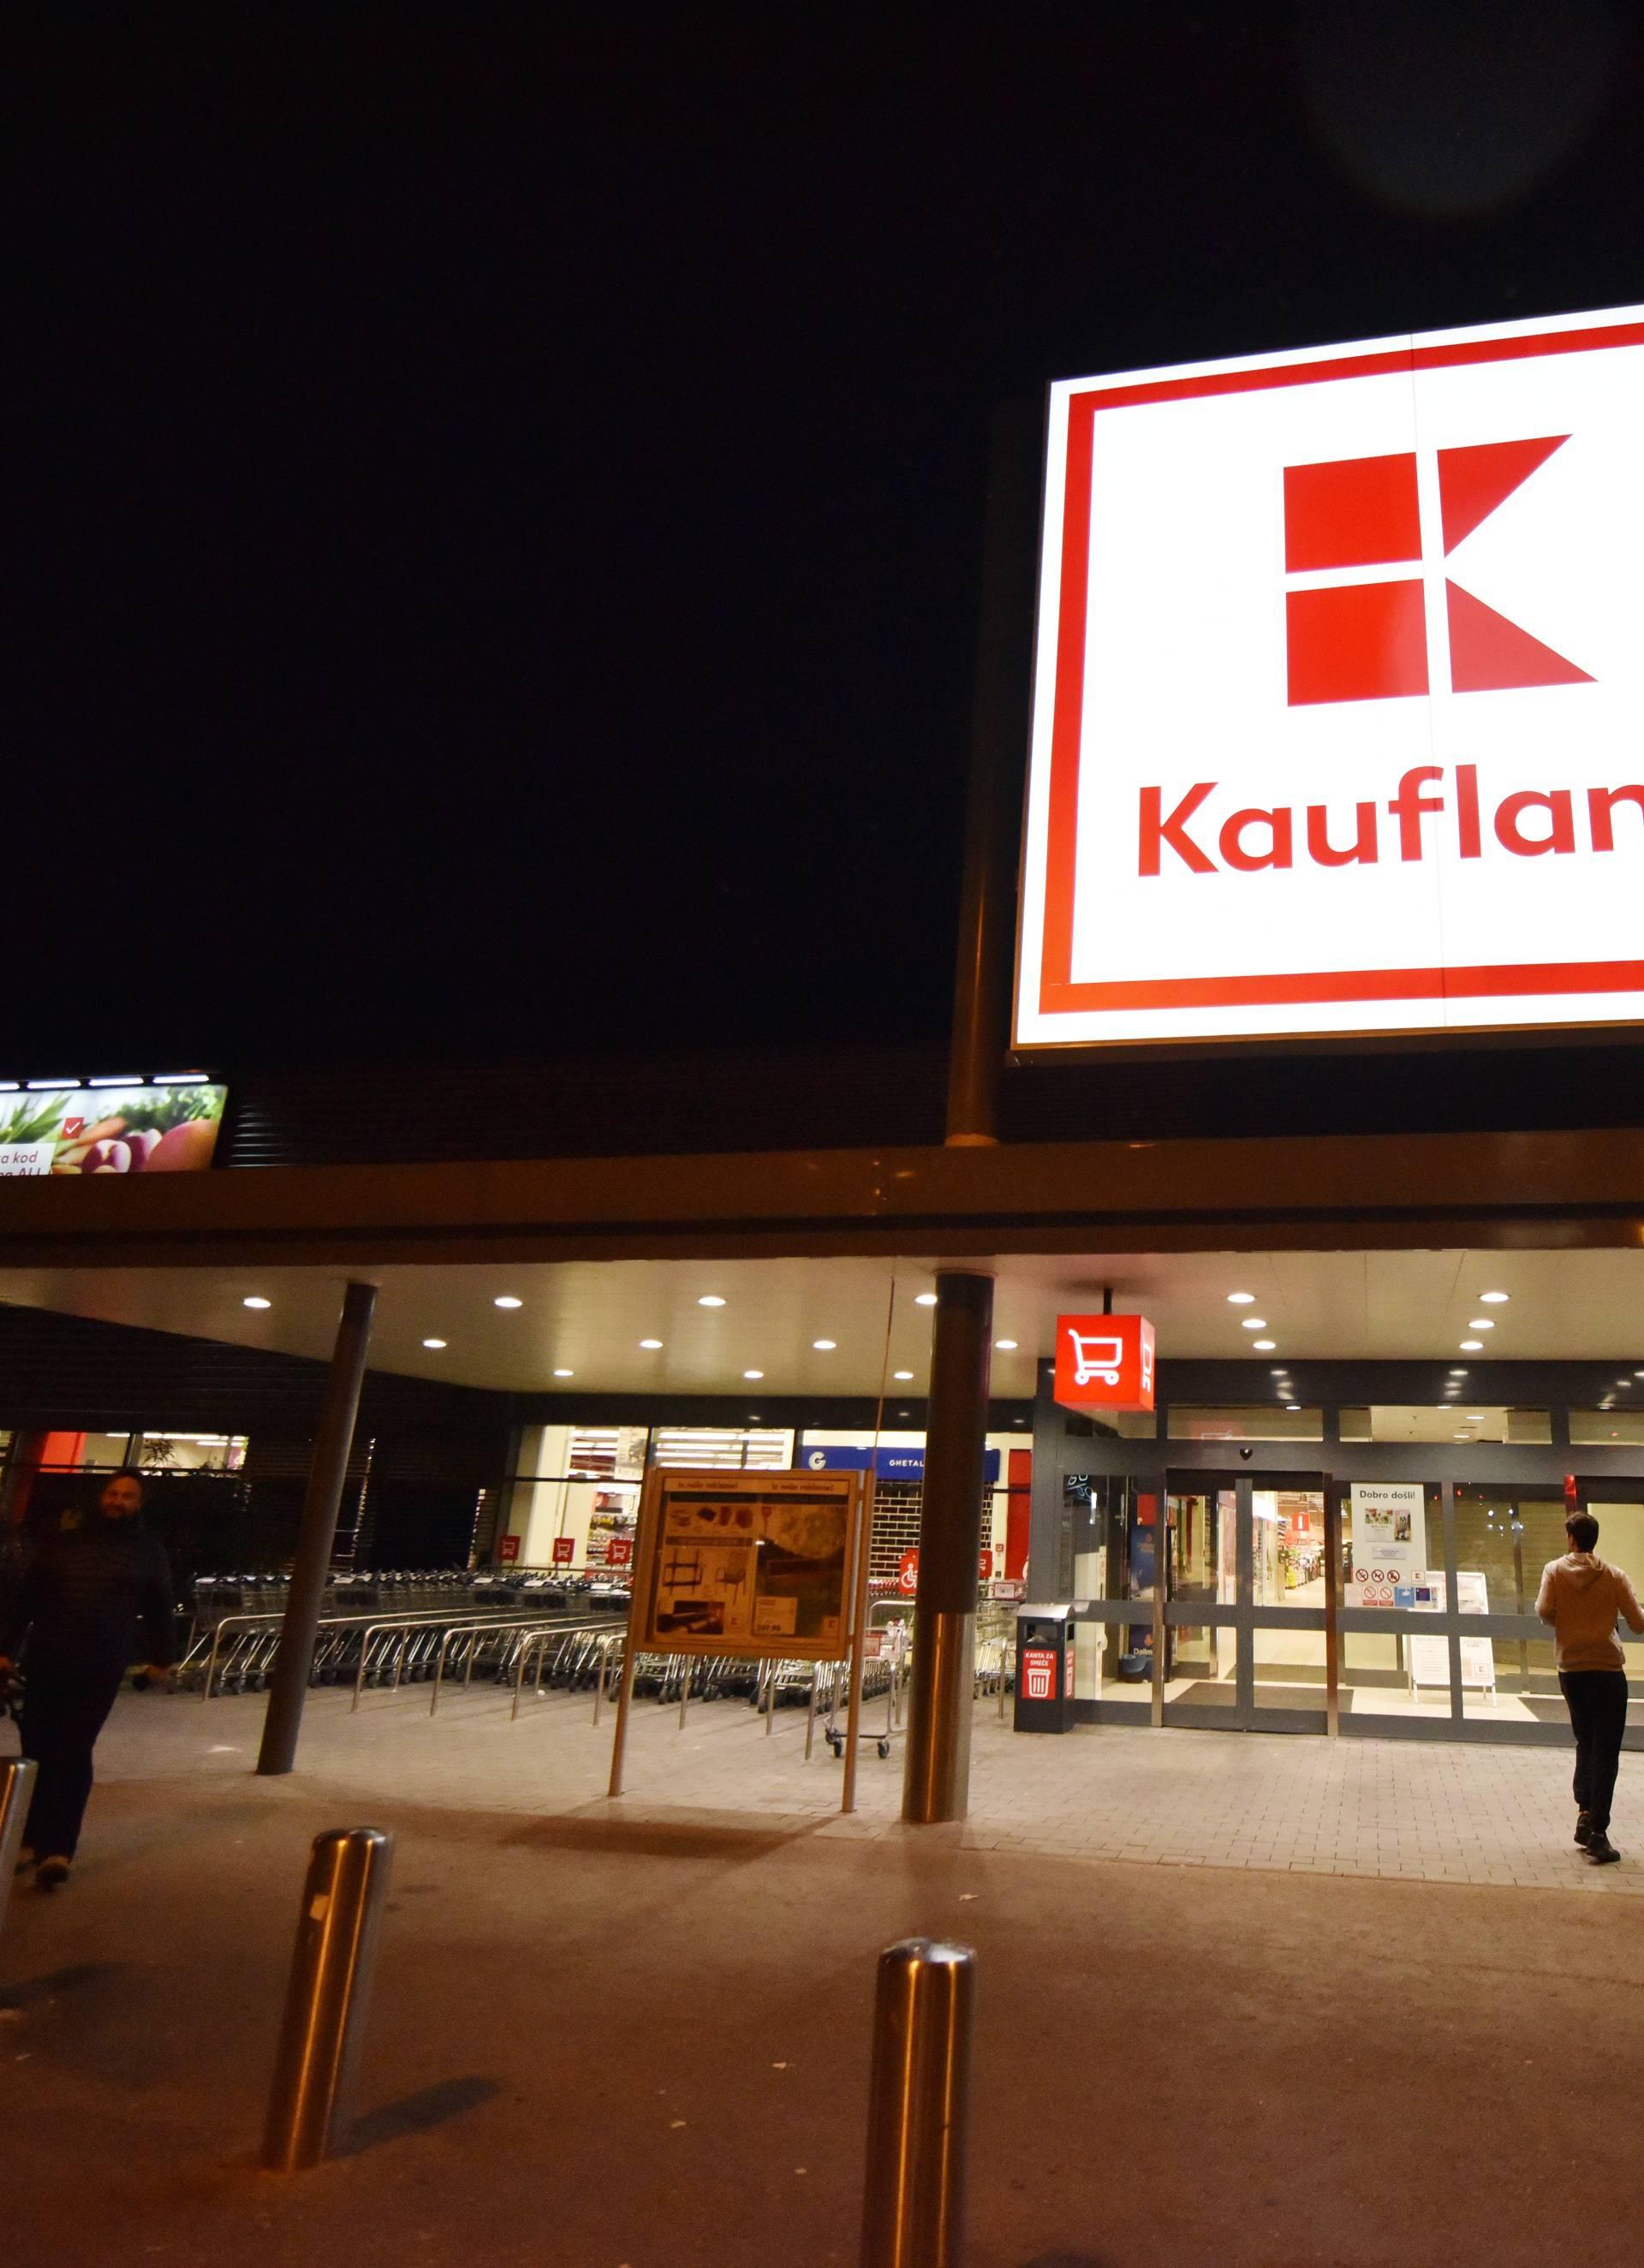 'Kupci se hvatali za grlo': Zbog suzavca evakuirali su trgovinu